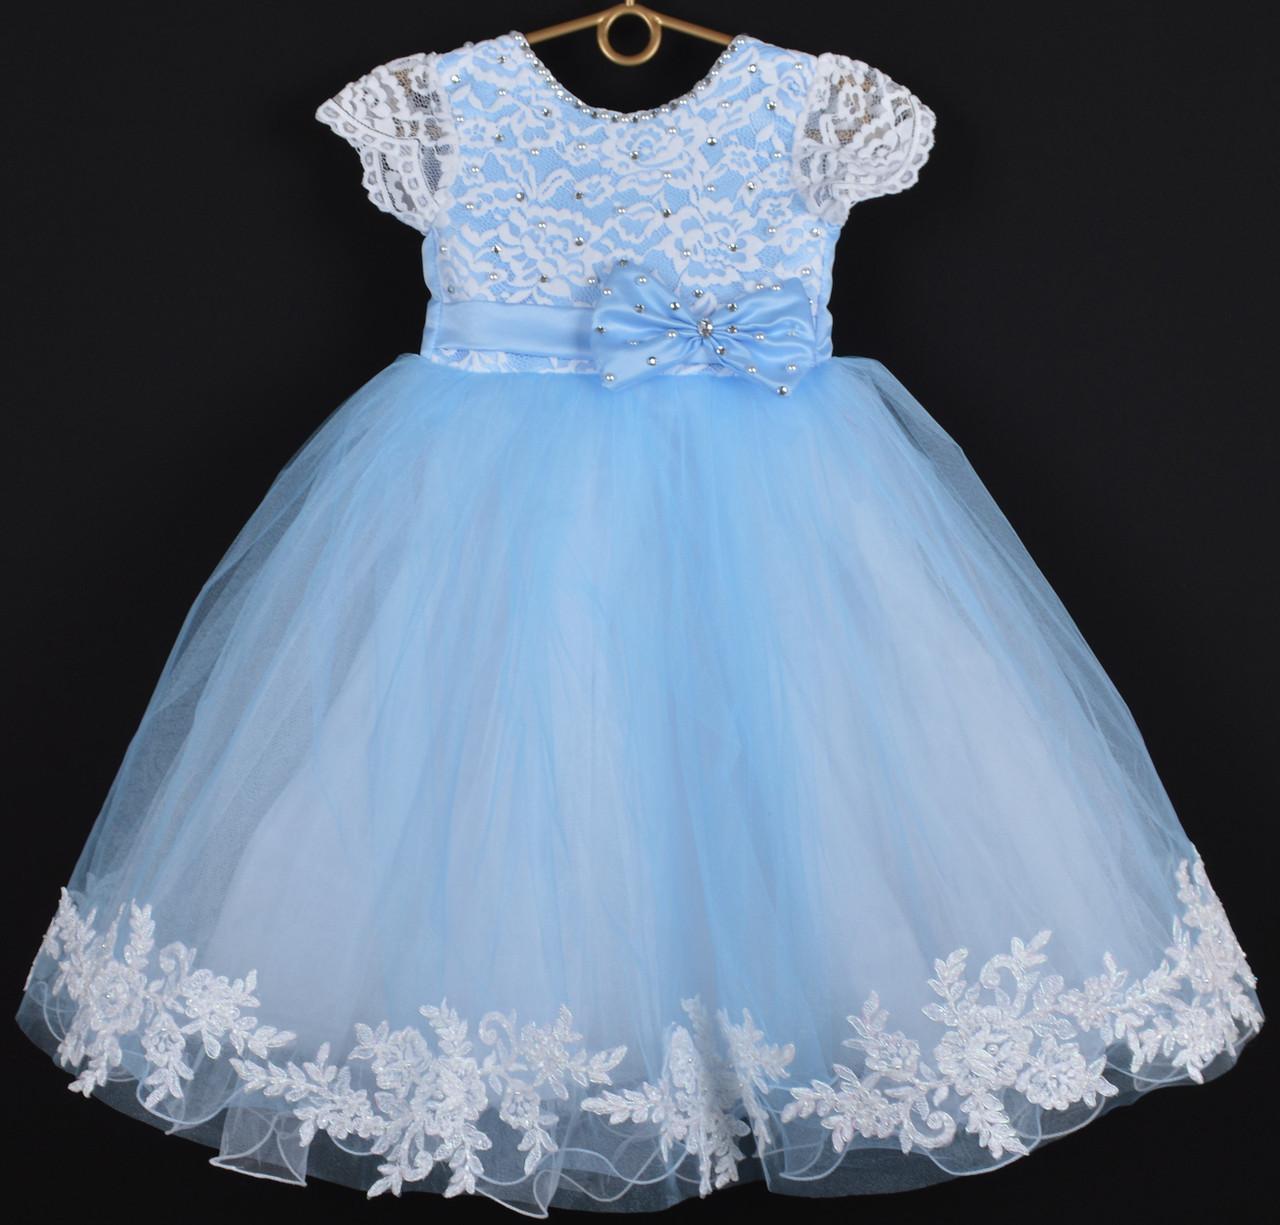 """Платье нарядное детское """"Исабель"""" с аппликацией 4-6 лет. Голубое. Оптом и в розницу"""